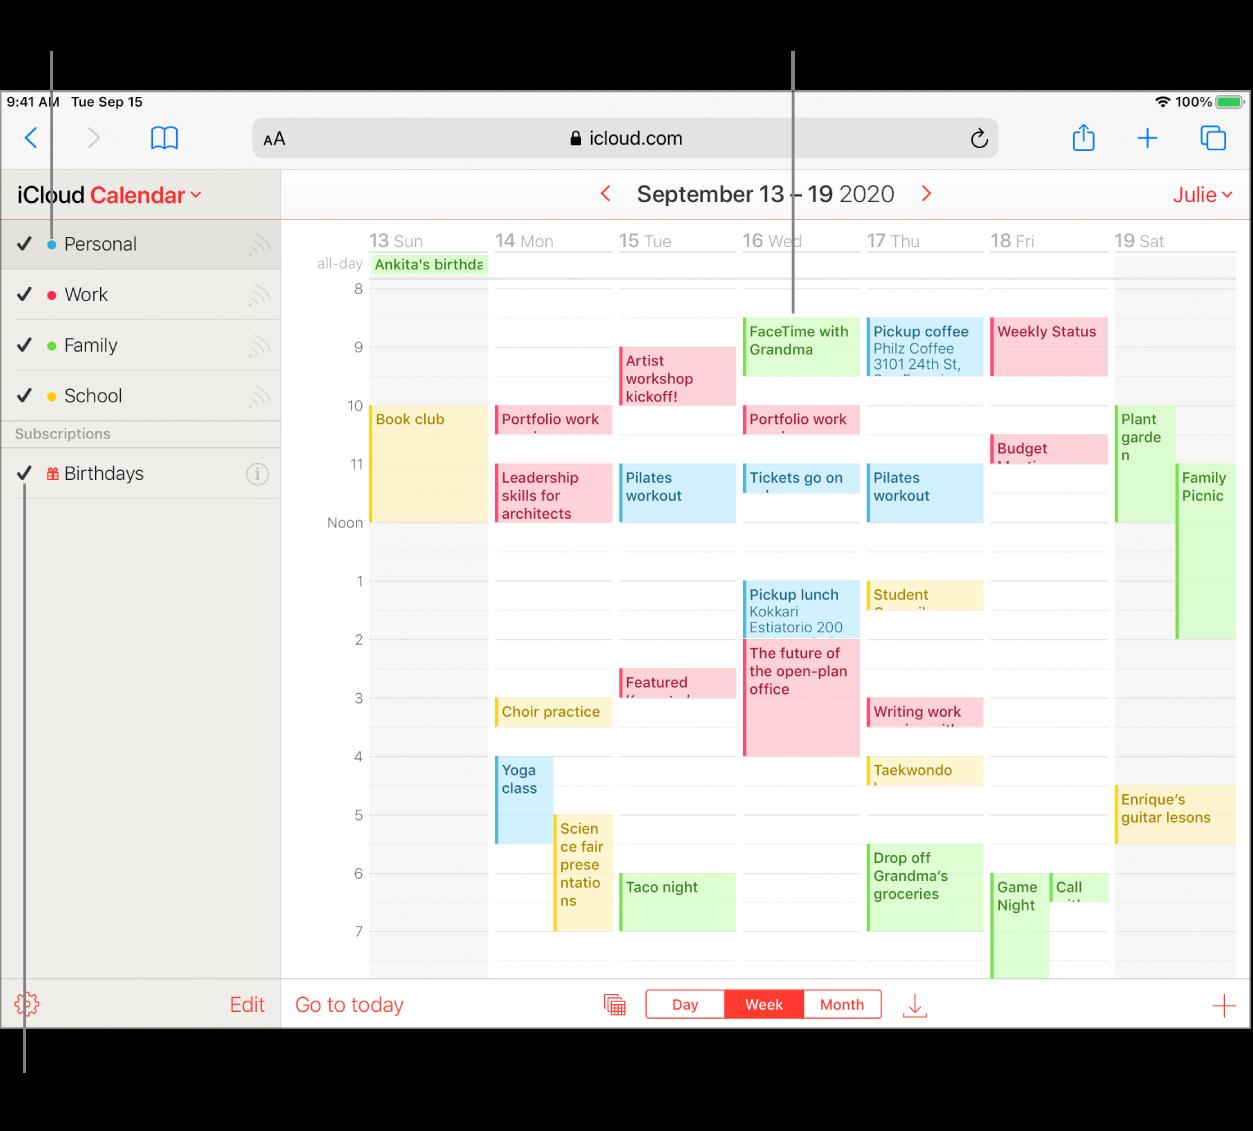 Az iCloud Naptár ablaka, ahol több naptár látható. Mindegyik naptárhoz hozzárendelhet egy színt. Az események színe jelzi, hogy mely naptárban találhatók. A pipákra kattintva megjeleníthet, illetve elrejthet naptárakat.